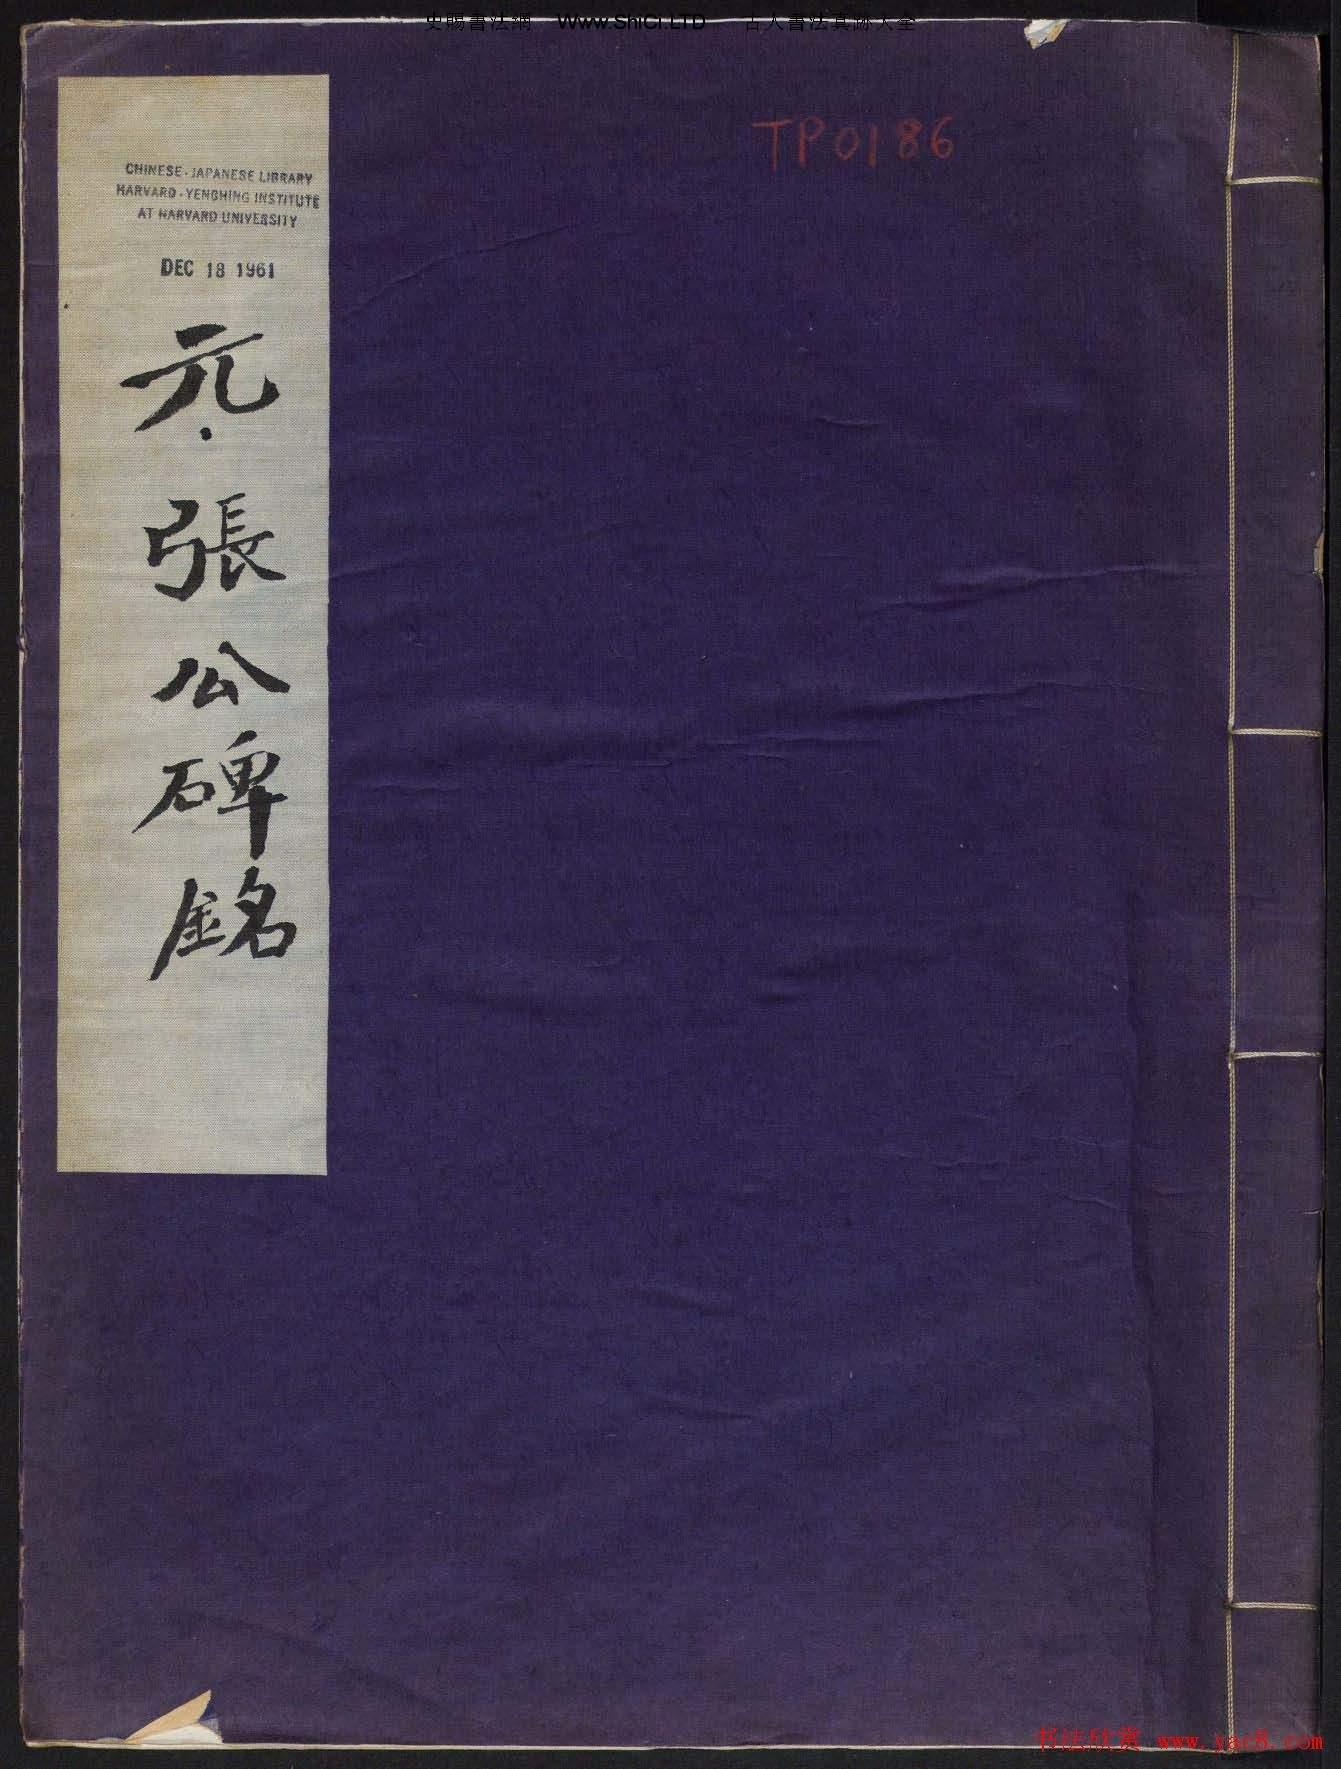 趙孟頫行楷書法真跡欣賞《張留孫墓碑》(共47張圖片)